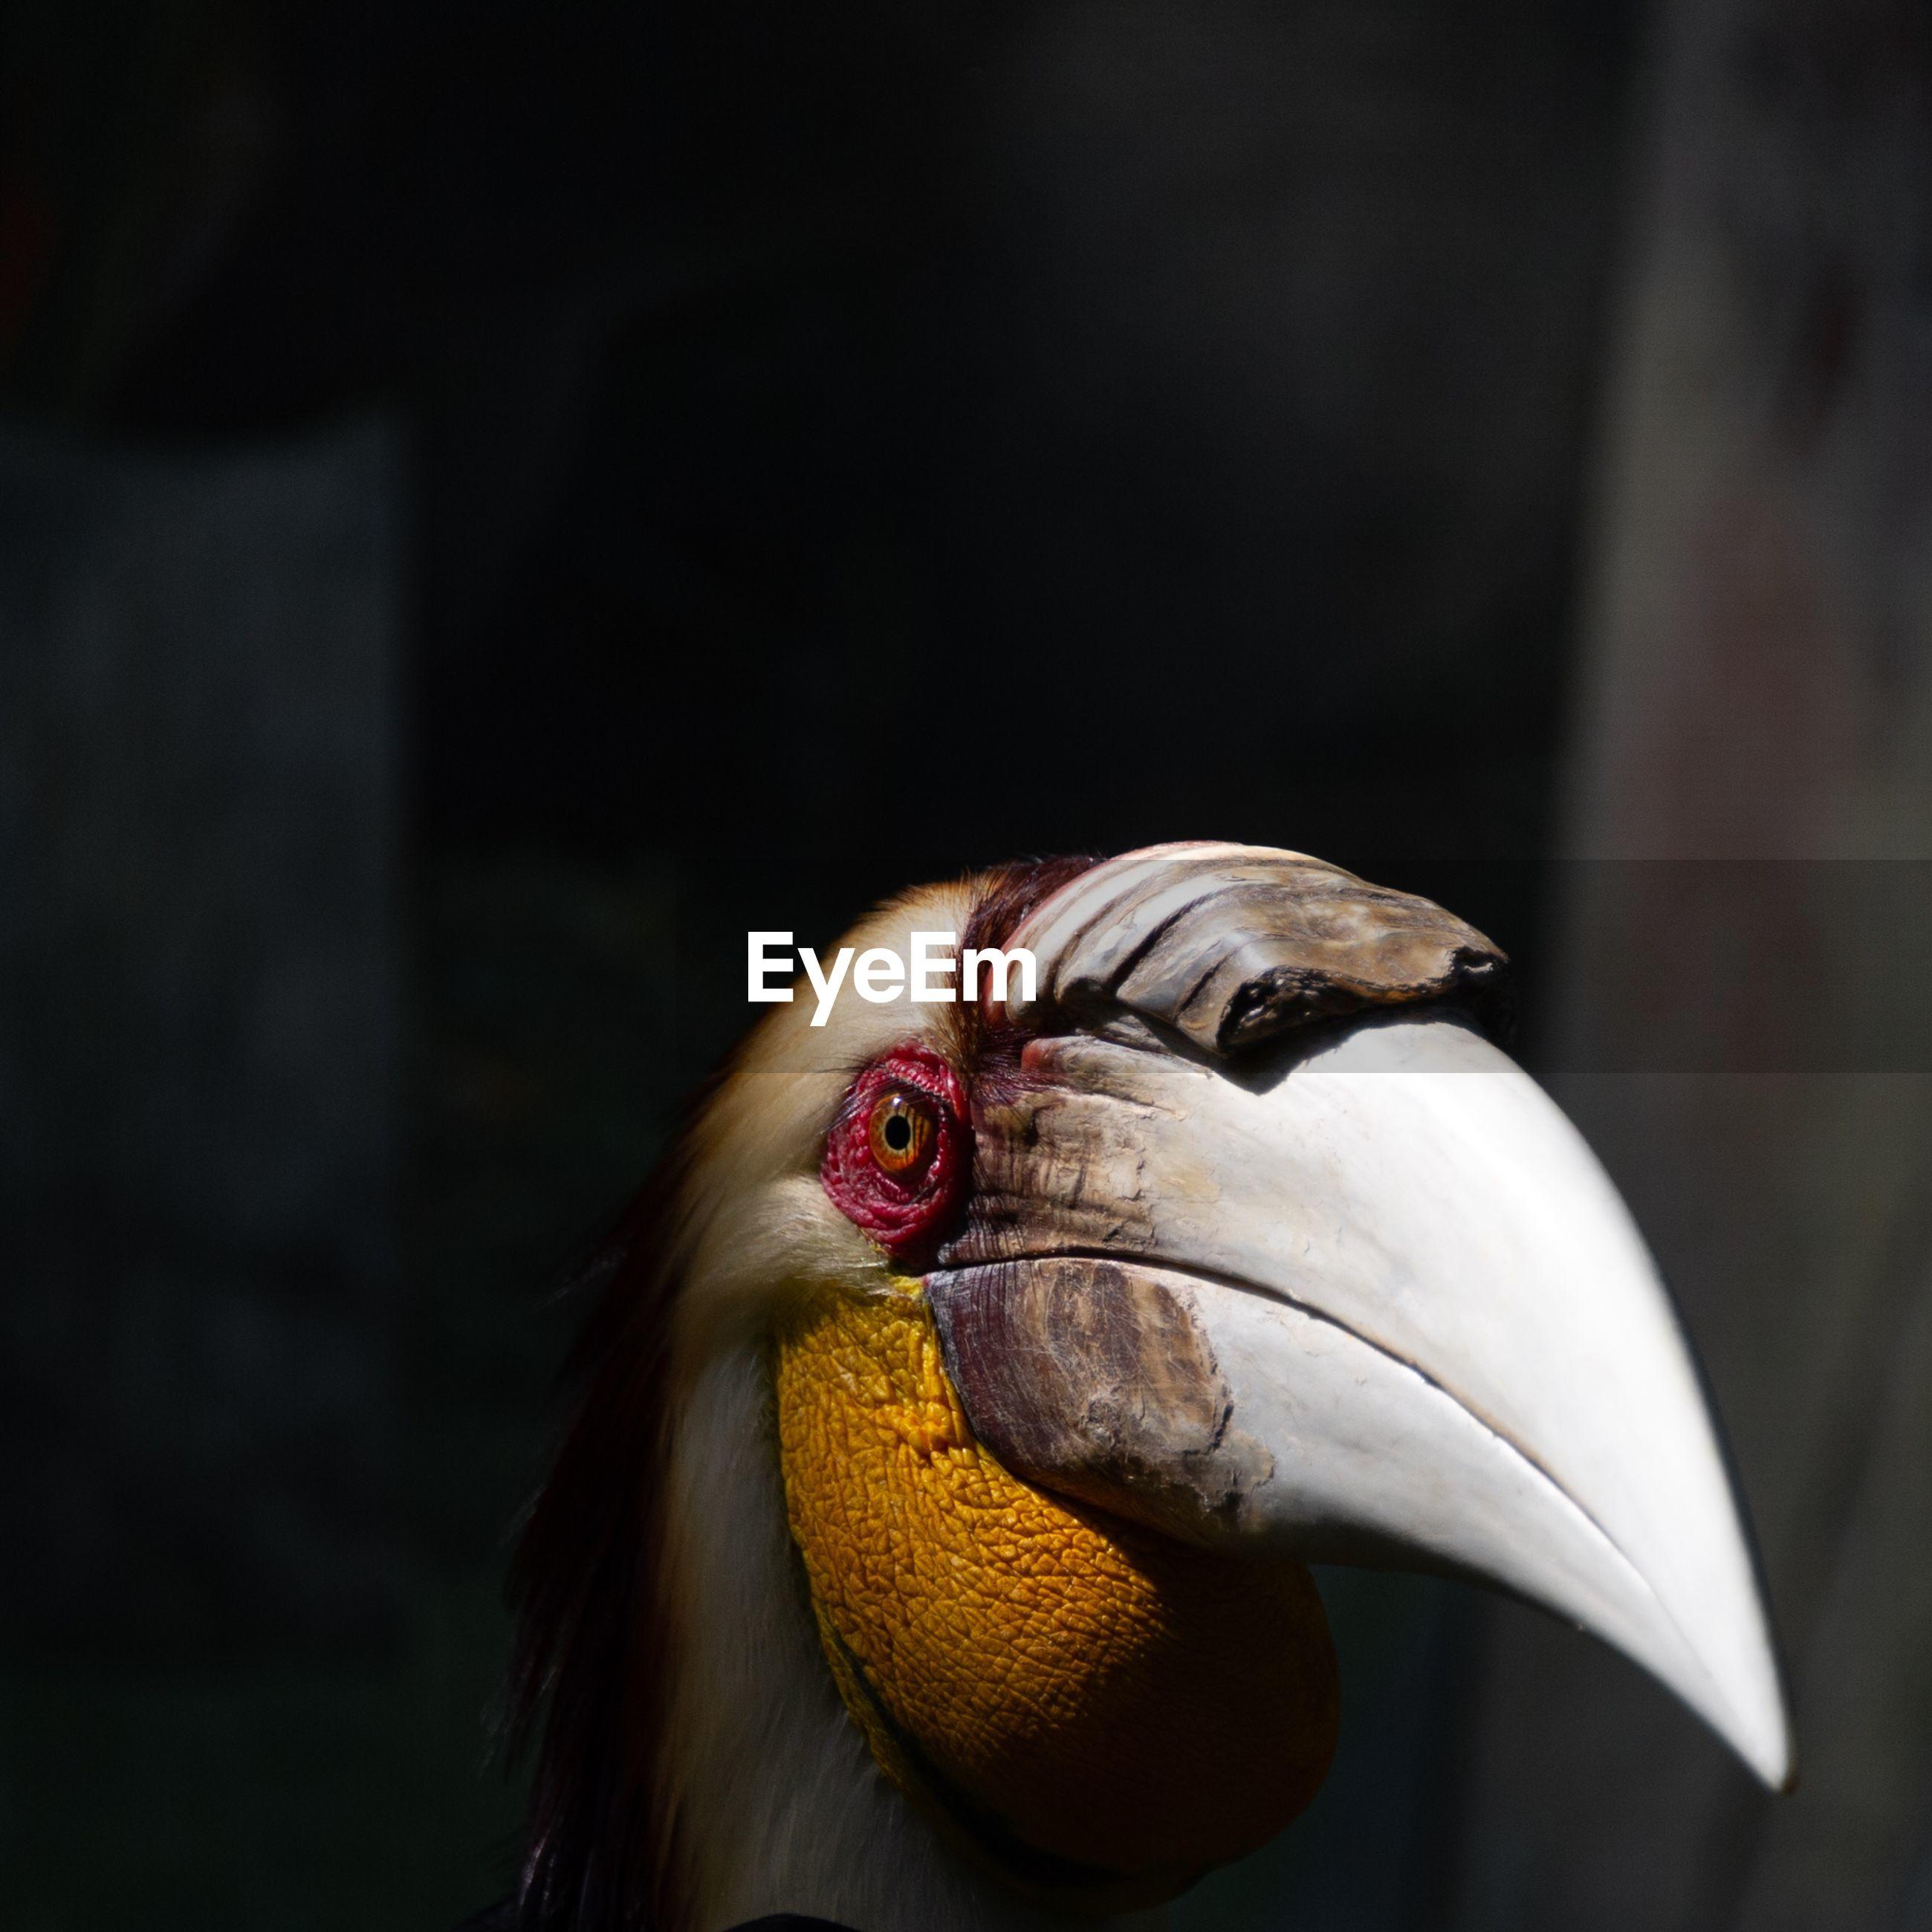 Close-up of a hornbill bird